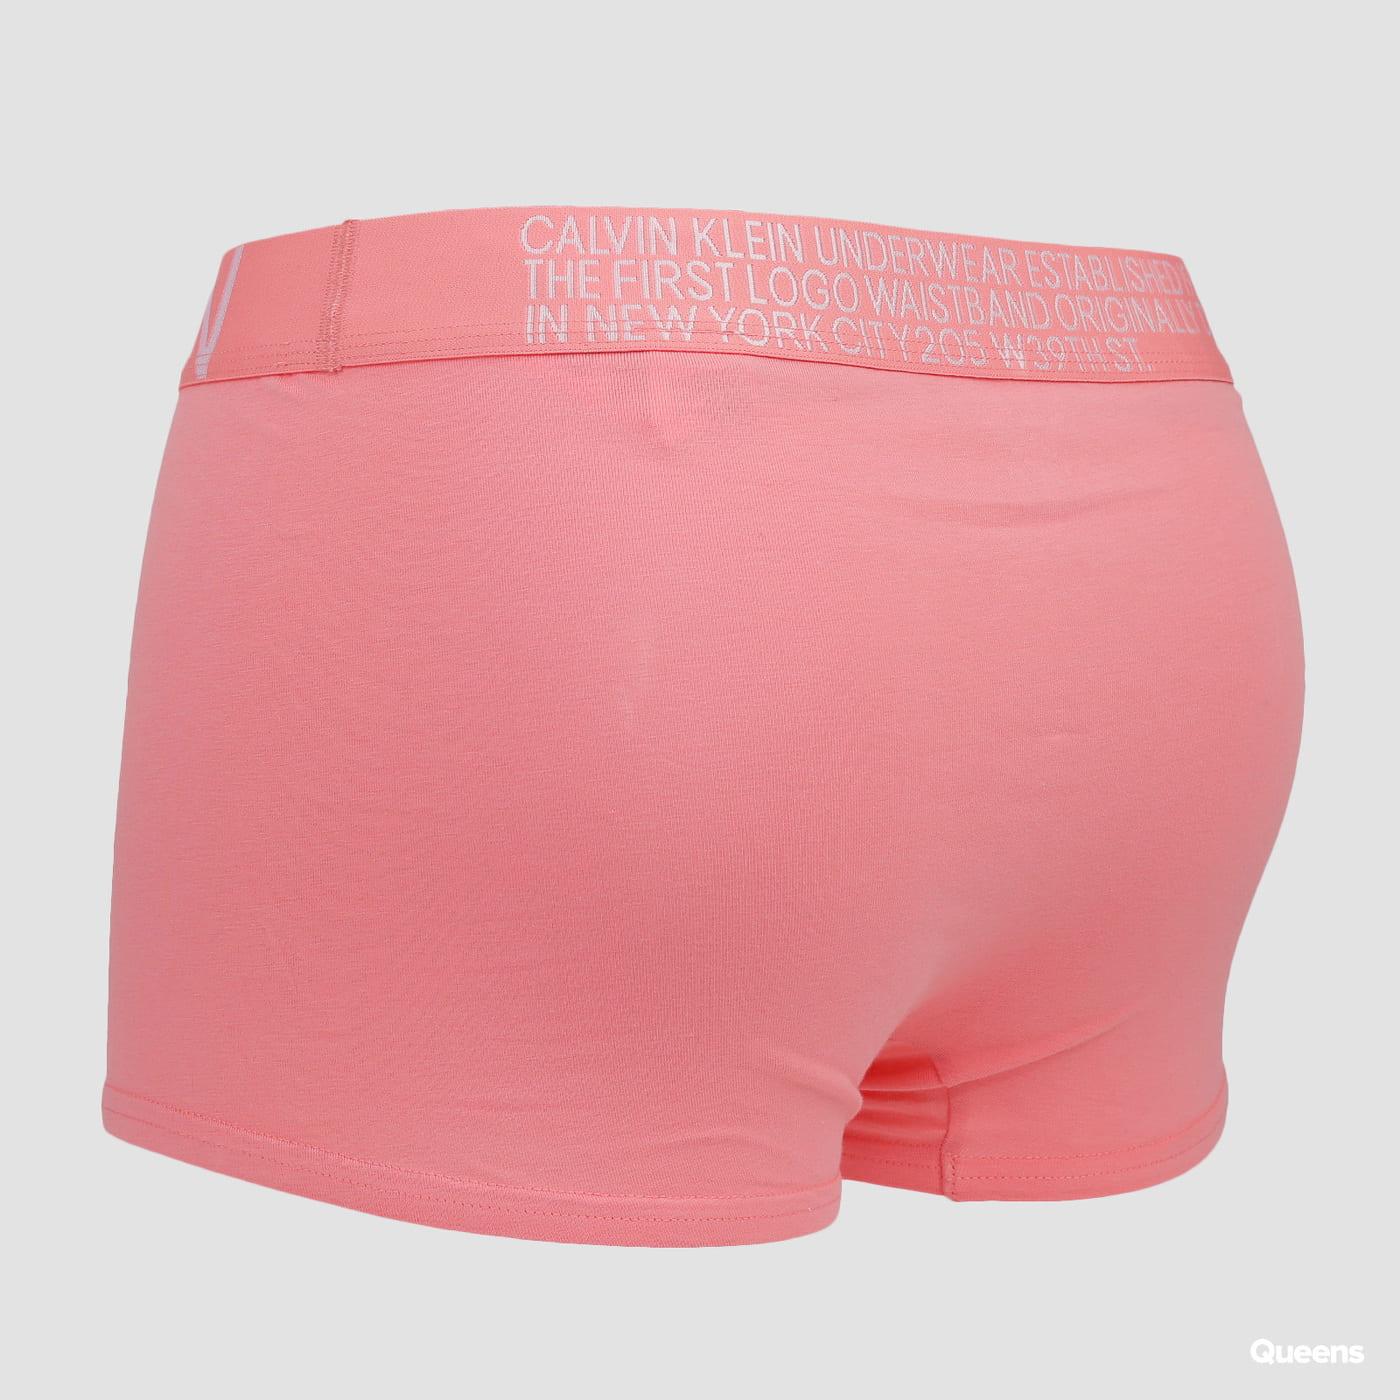 Calvin Klein Statement 1981 Trunk pink